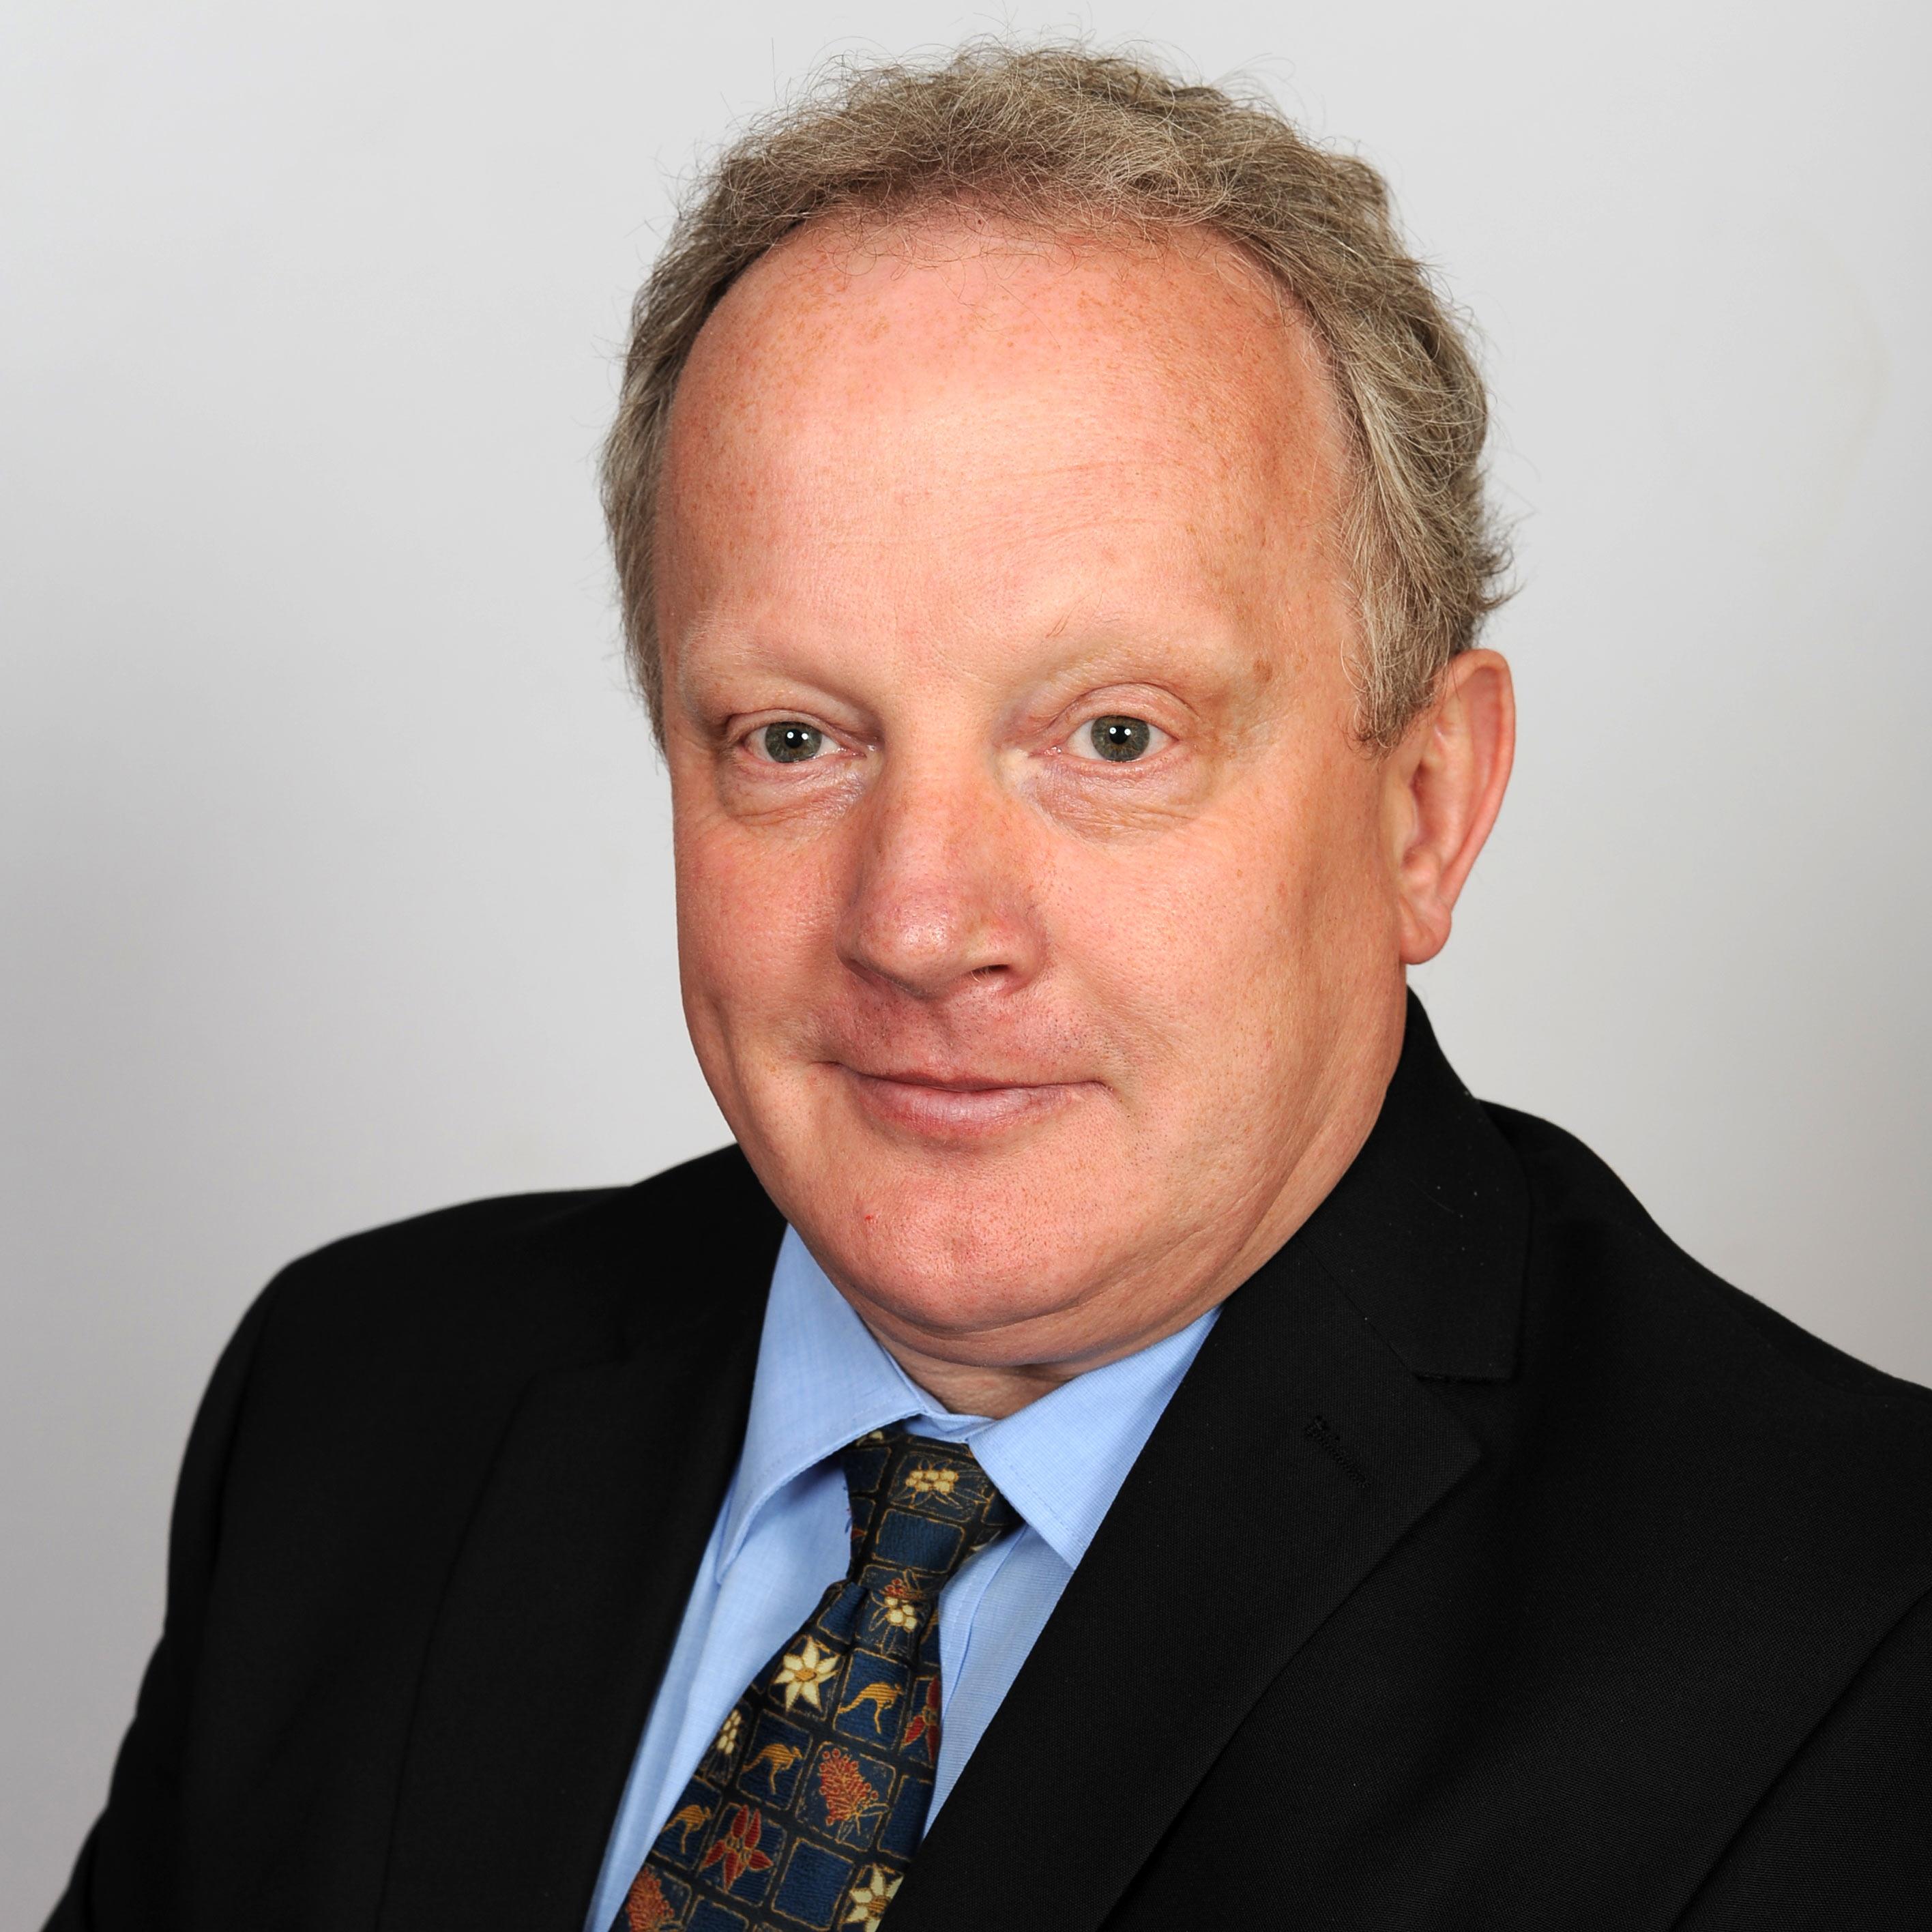 Councillor Stuart Tweedale. Photo: Lincolnshire County Council